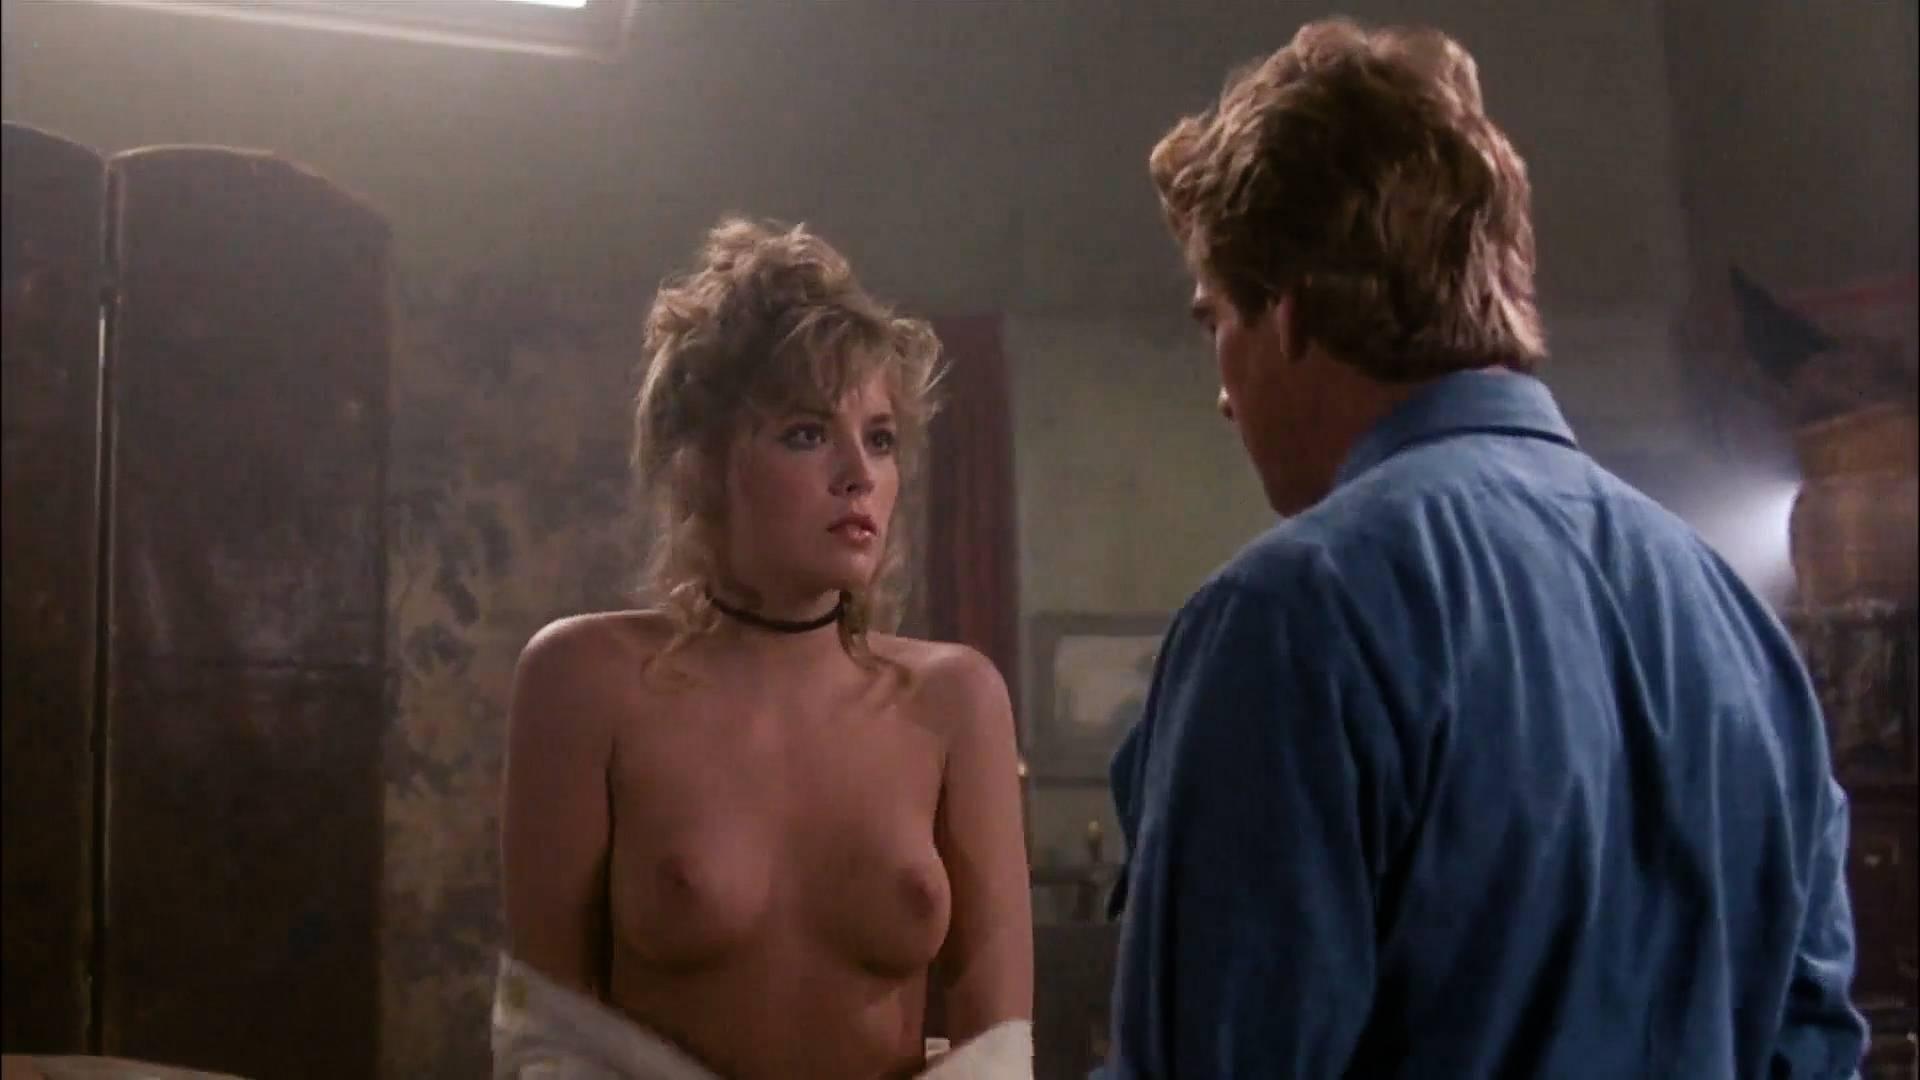 Sharon acker naked